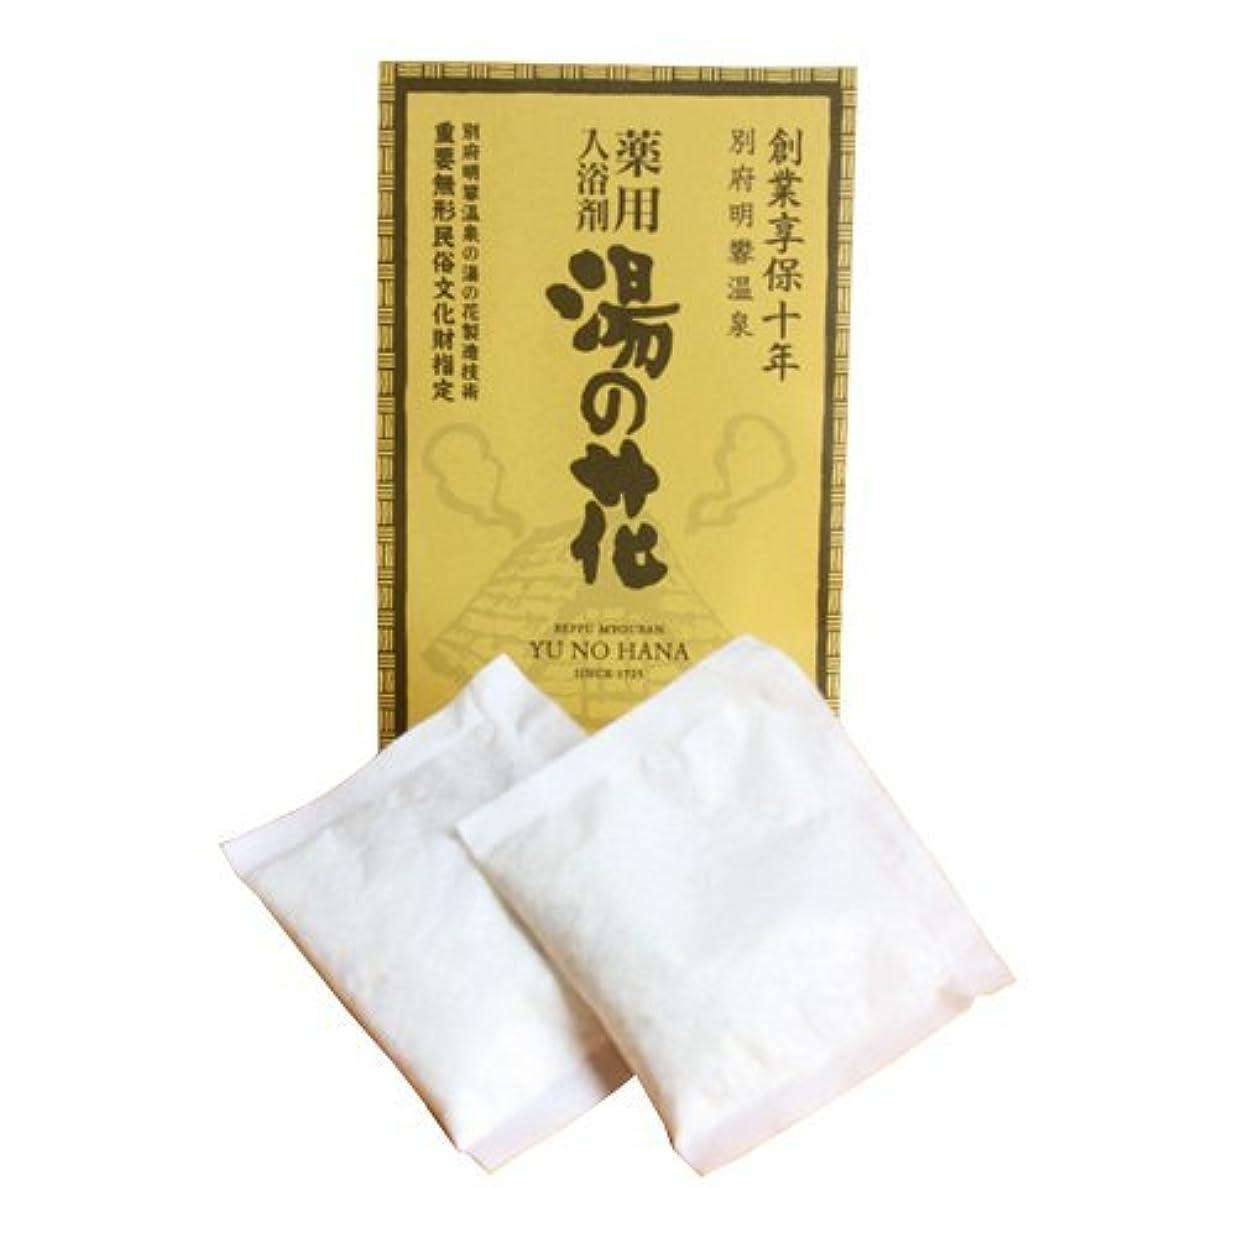 ペン一時停止恨み明礬(みょうばん)温泉 薬用湯の花 2回分